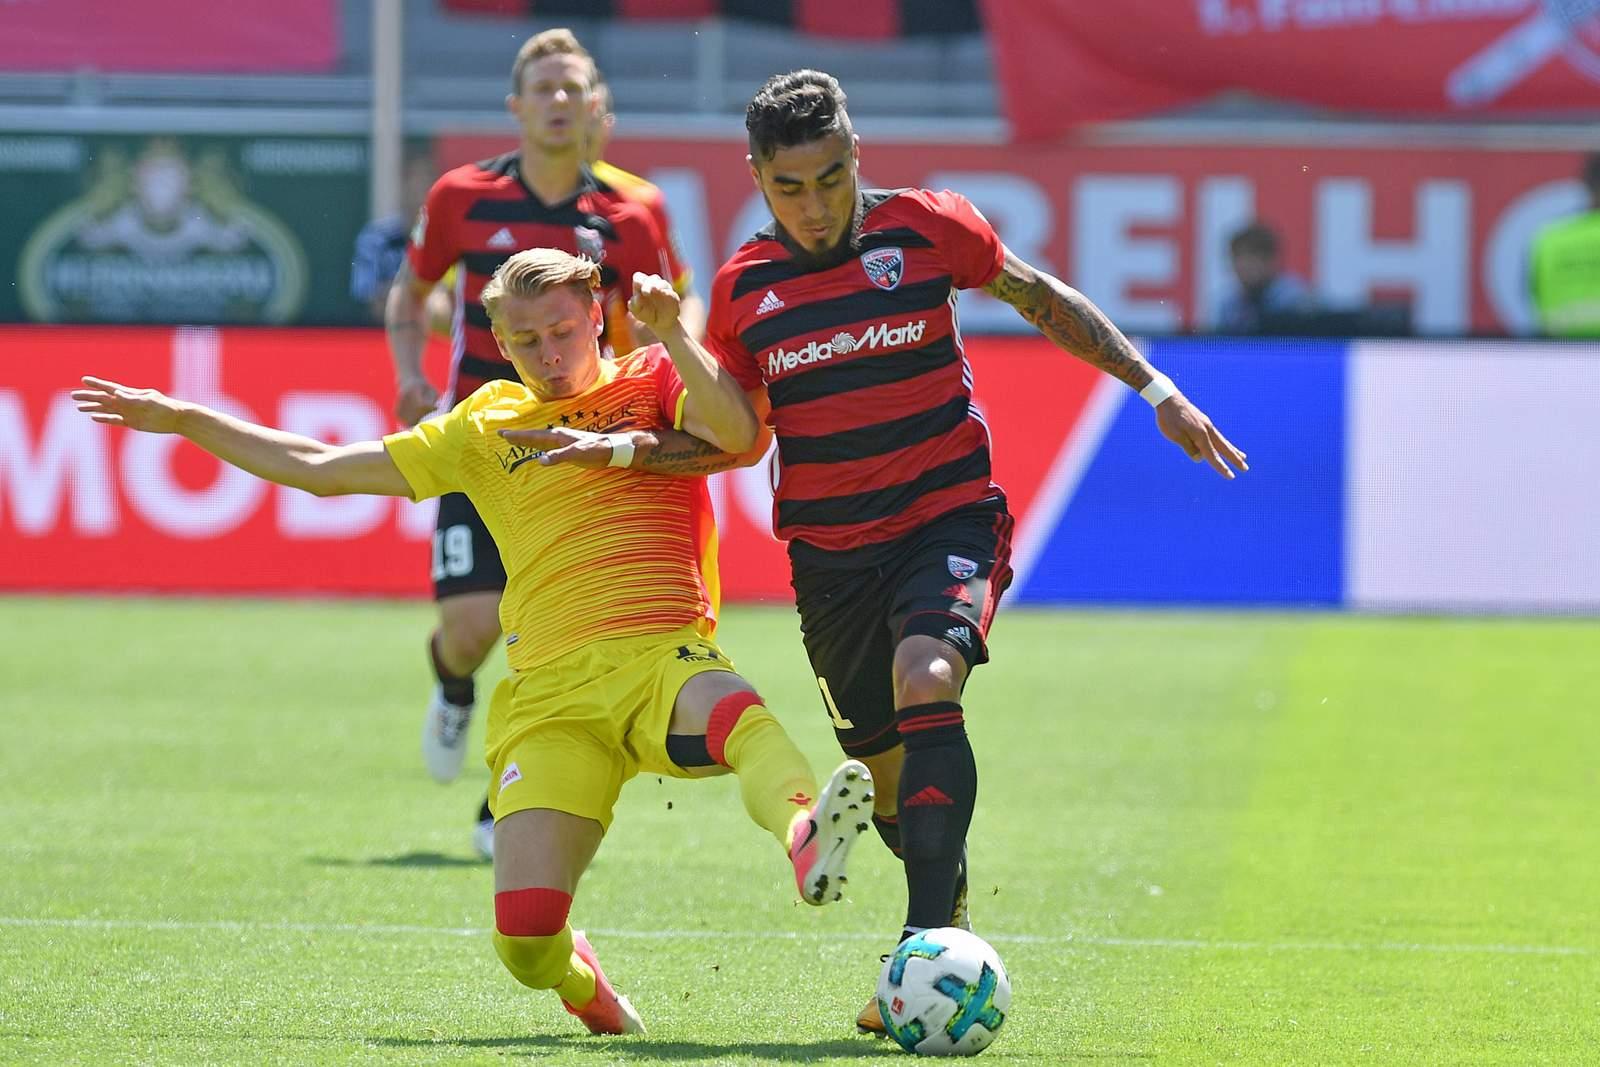 Setzt sich Dario Lezcano gegen Simon Hedlund durch? Jetzt auf Ingolstadt gegen Union Berlin wetten.